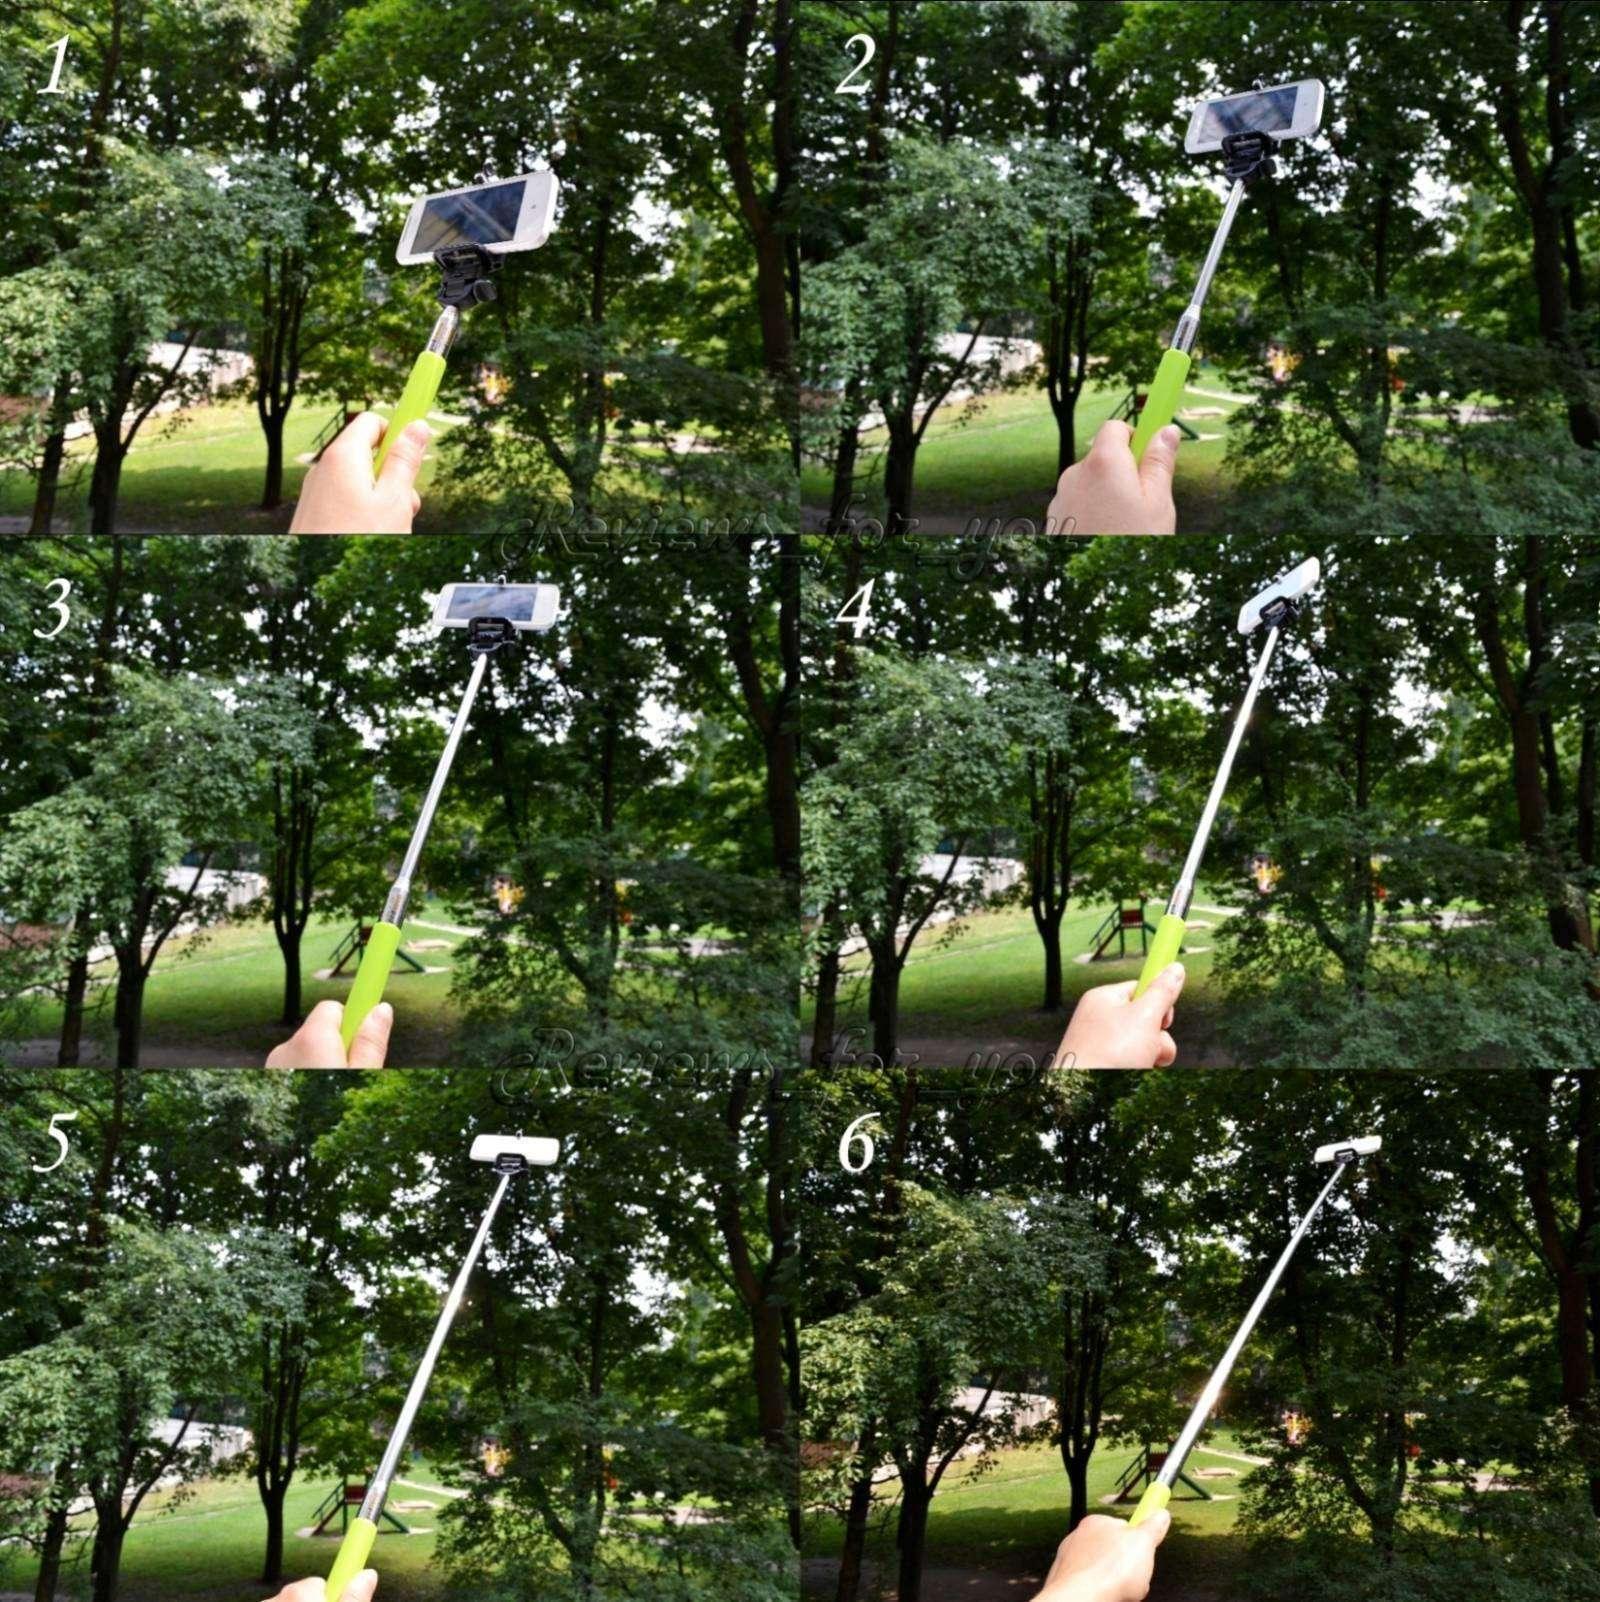 ChinaBuye: Монопод Z07-1, держатель для телефона - делаем селфи :)